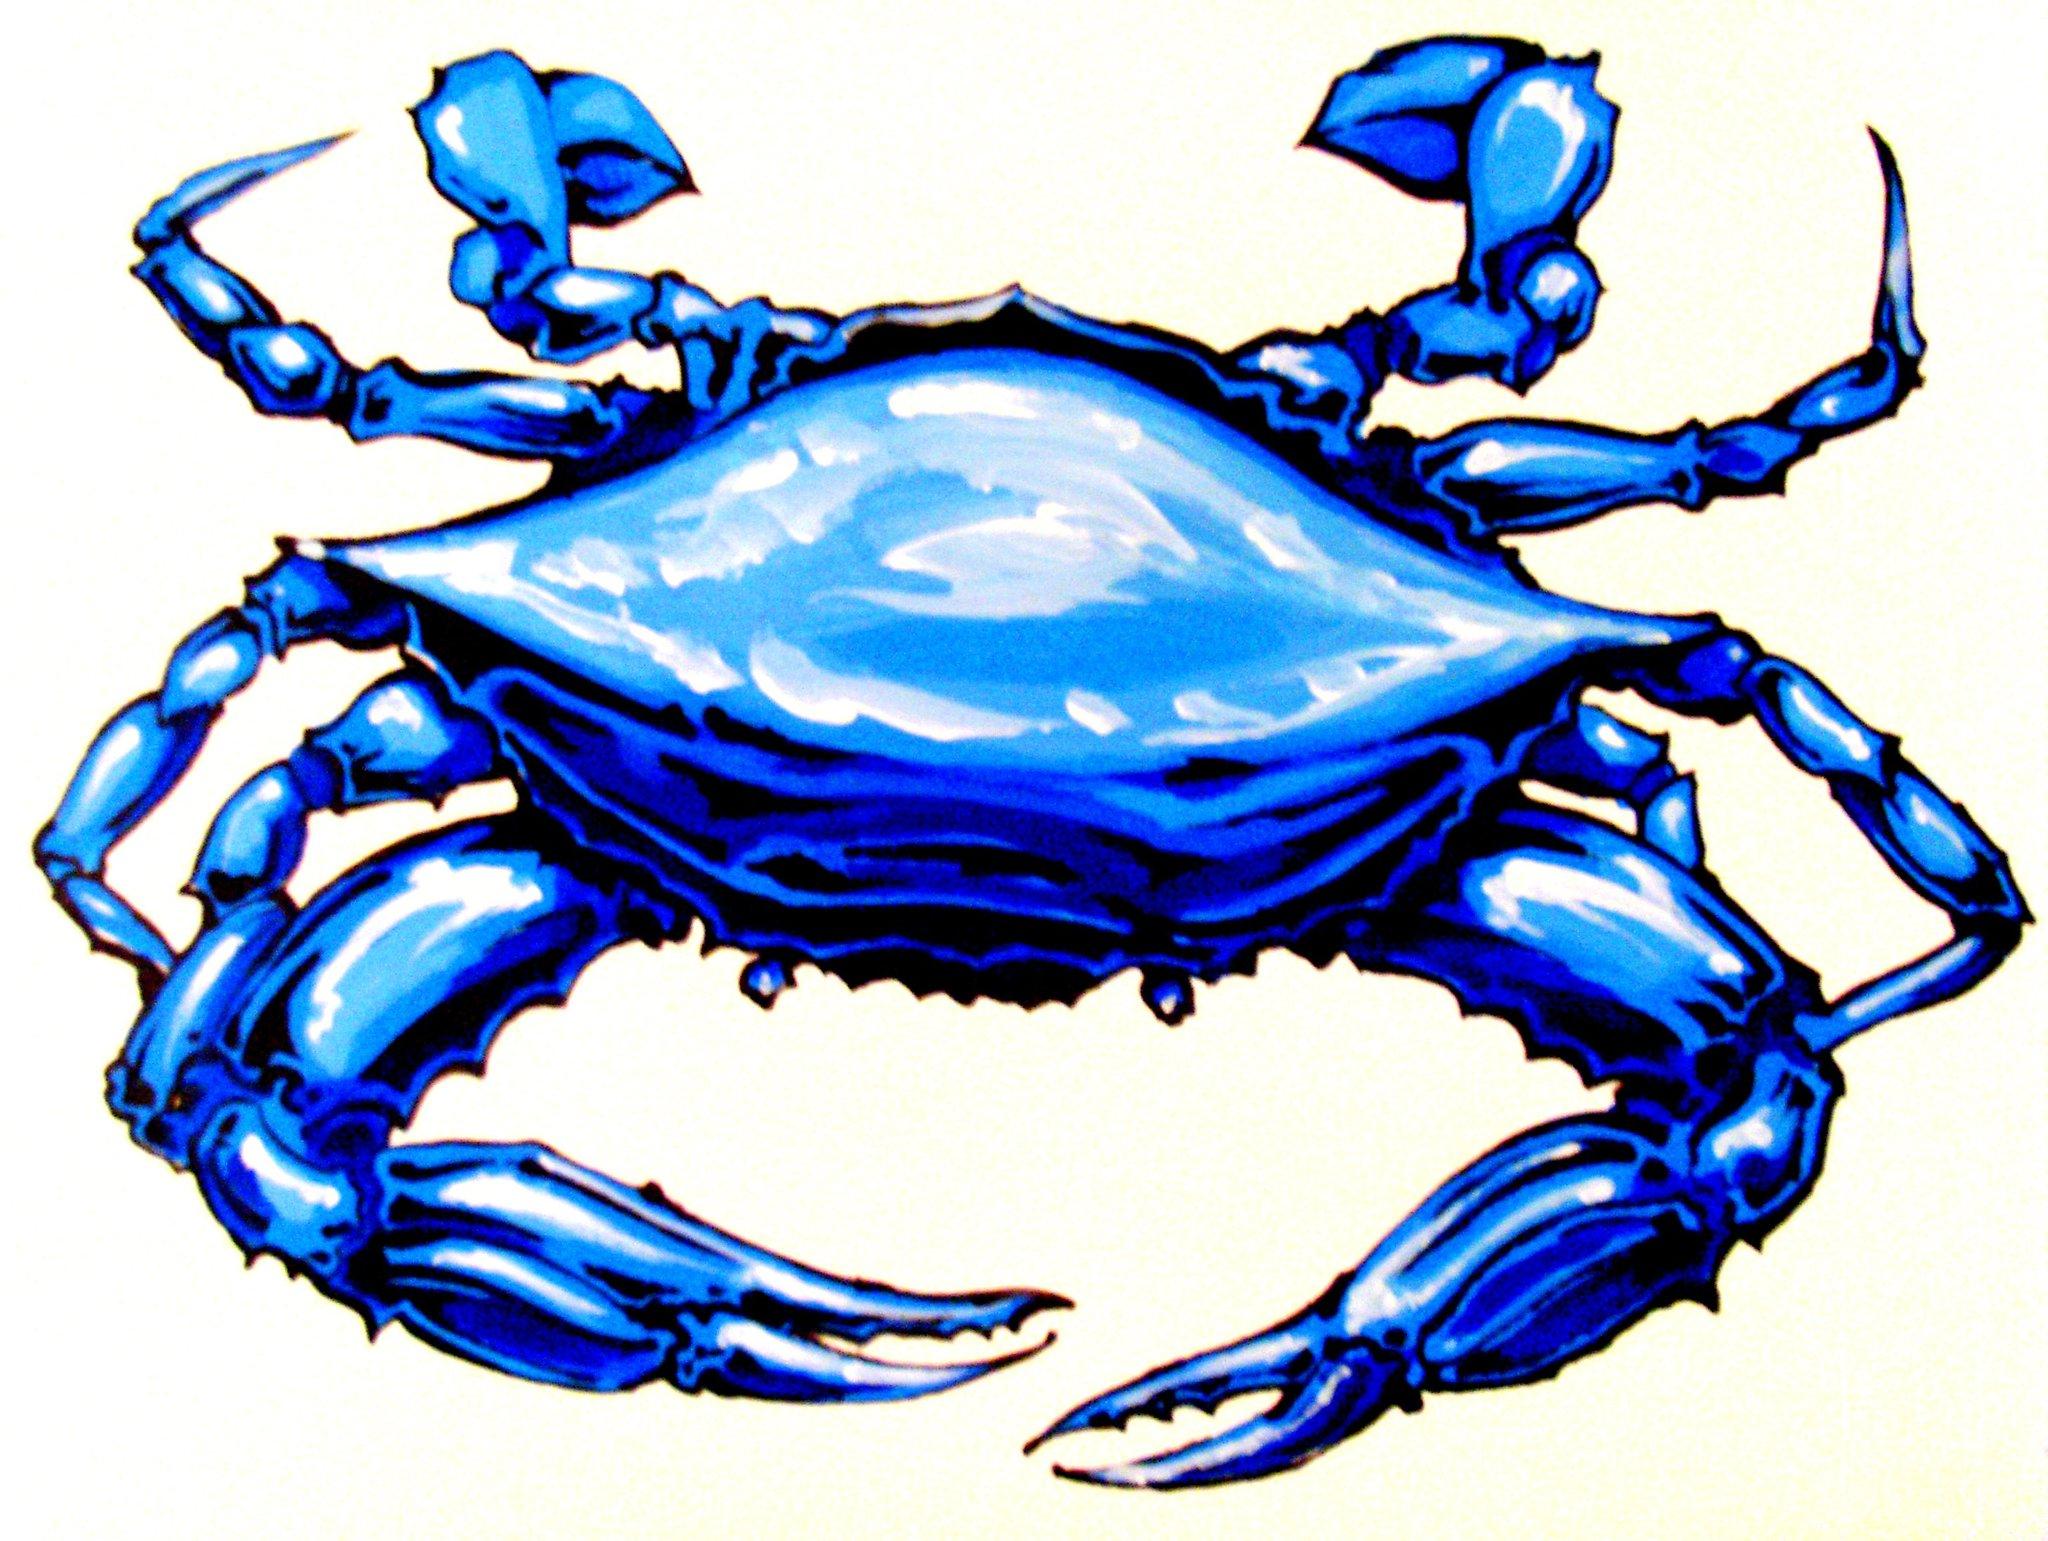 Crab clipart blue crab. Free download clip art